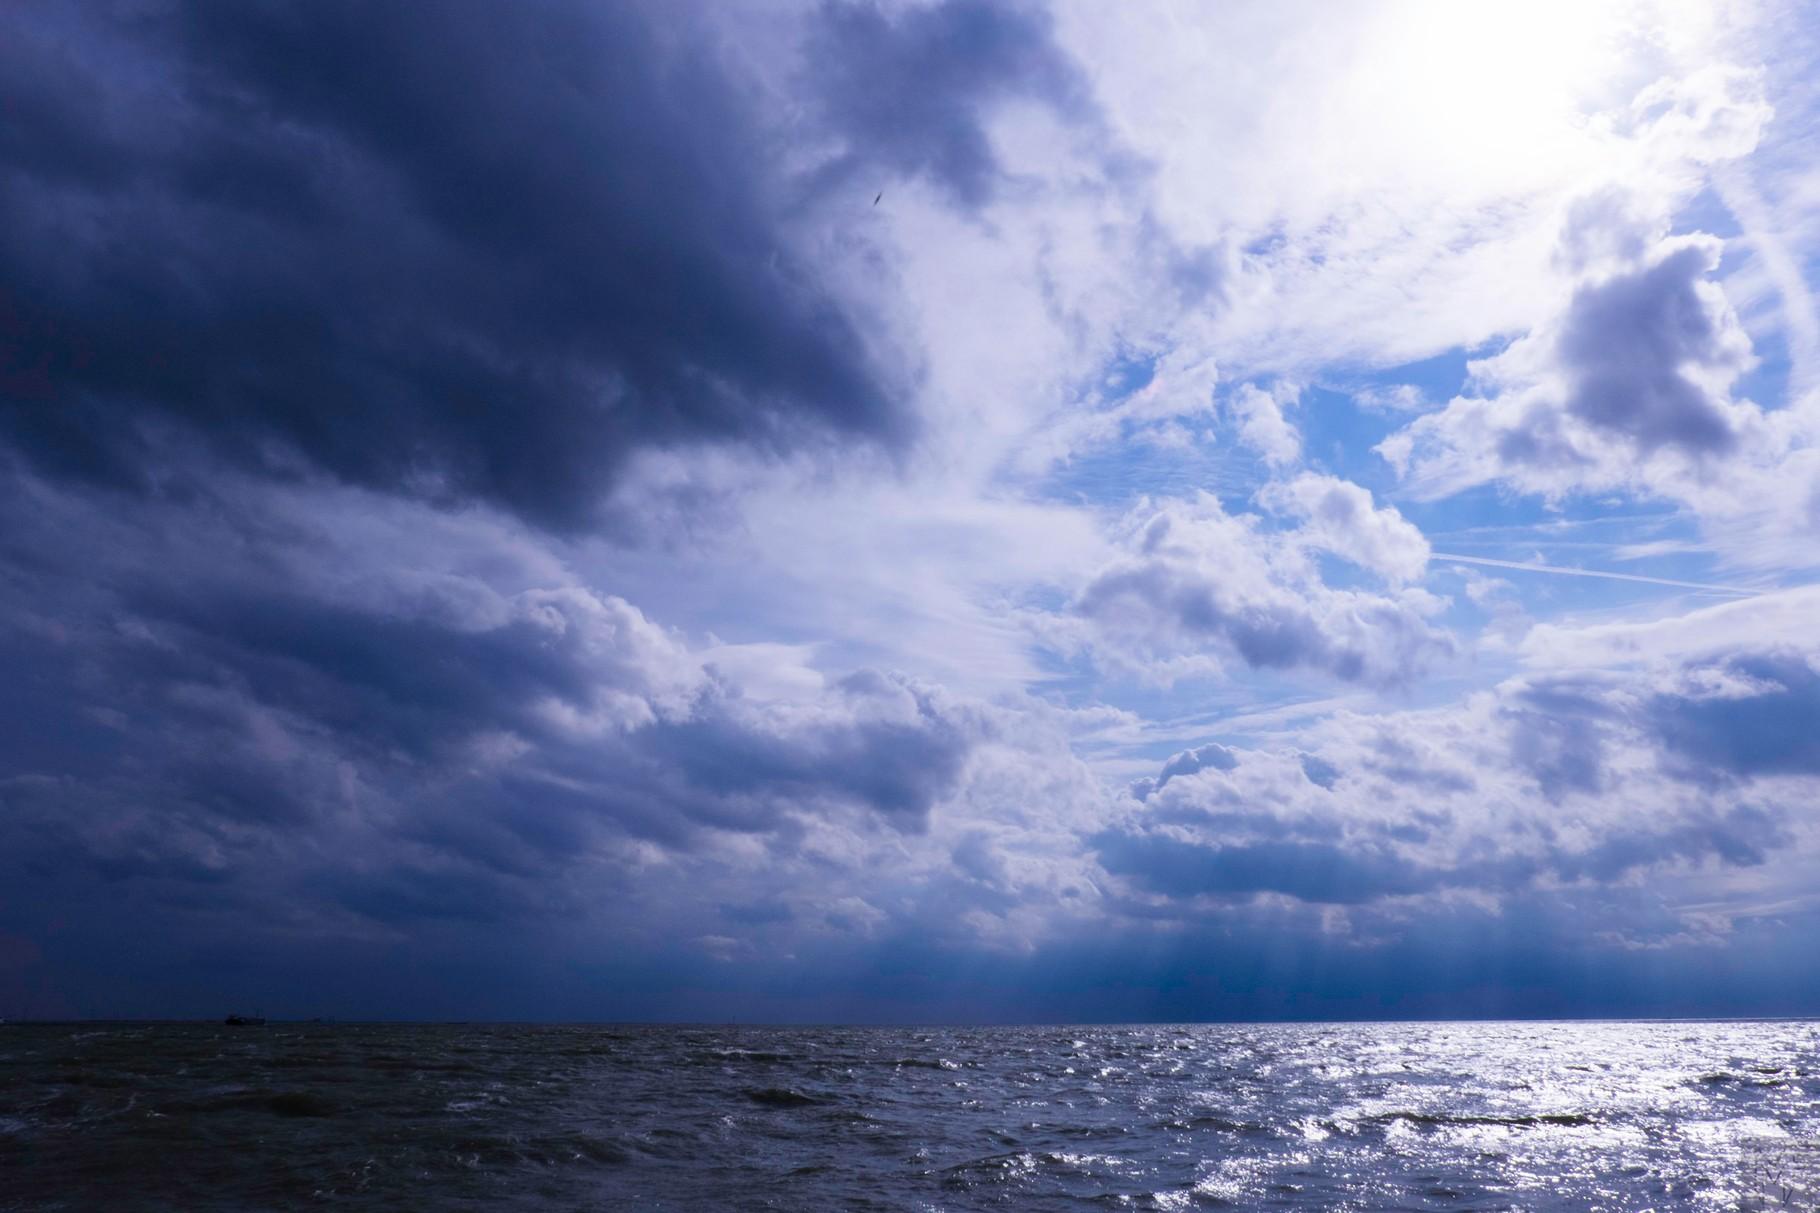 Ijsselmeer, Mies Vandenbergh Fotografie